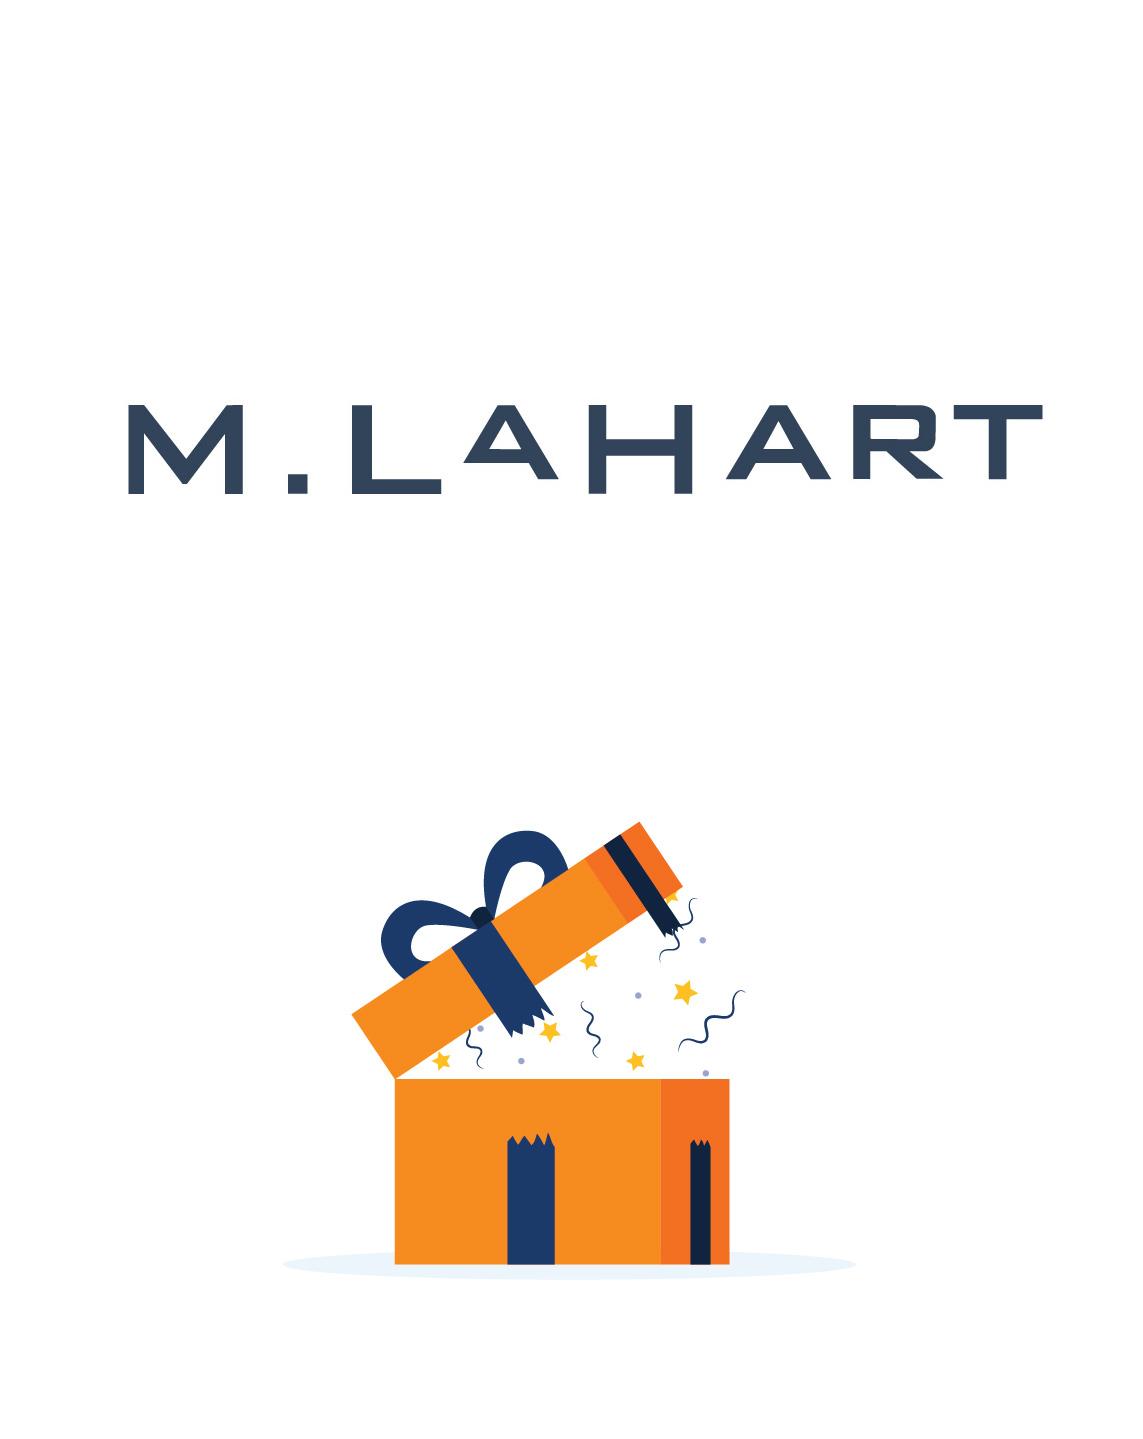 mlahartcom-logo